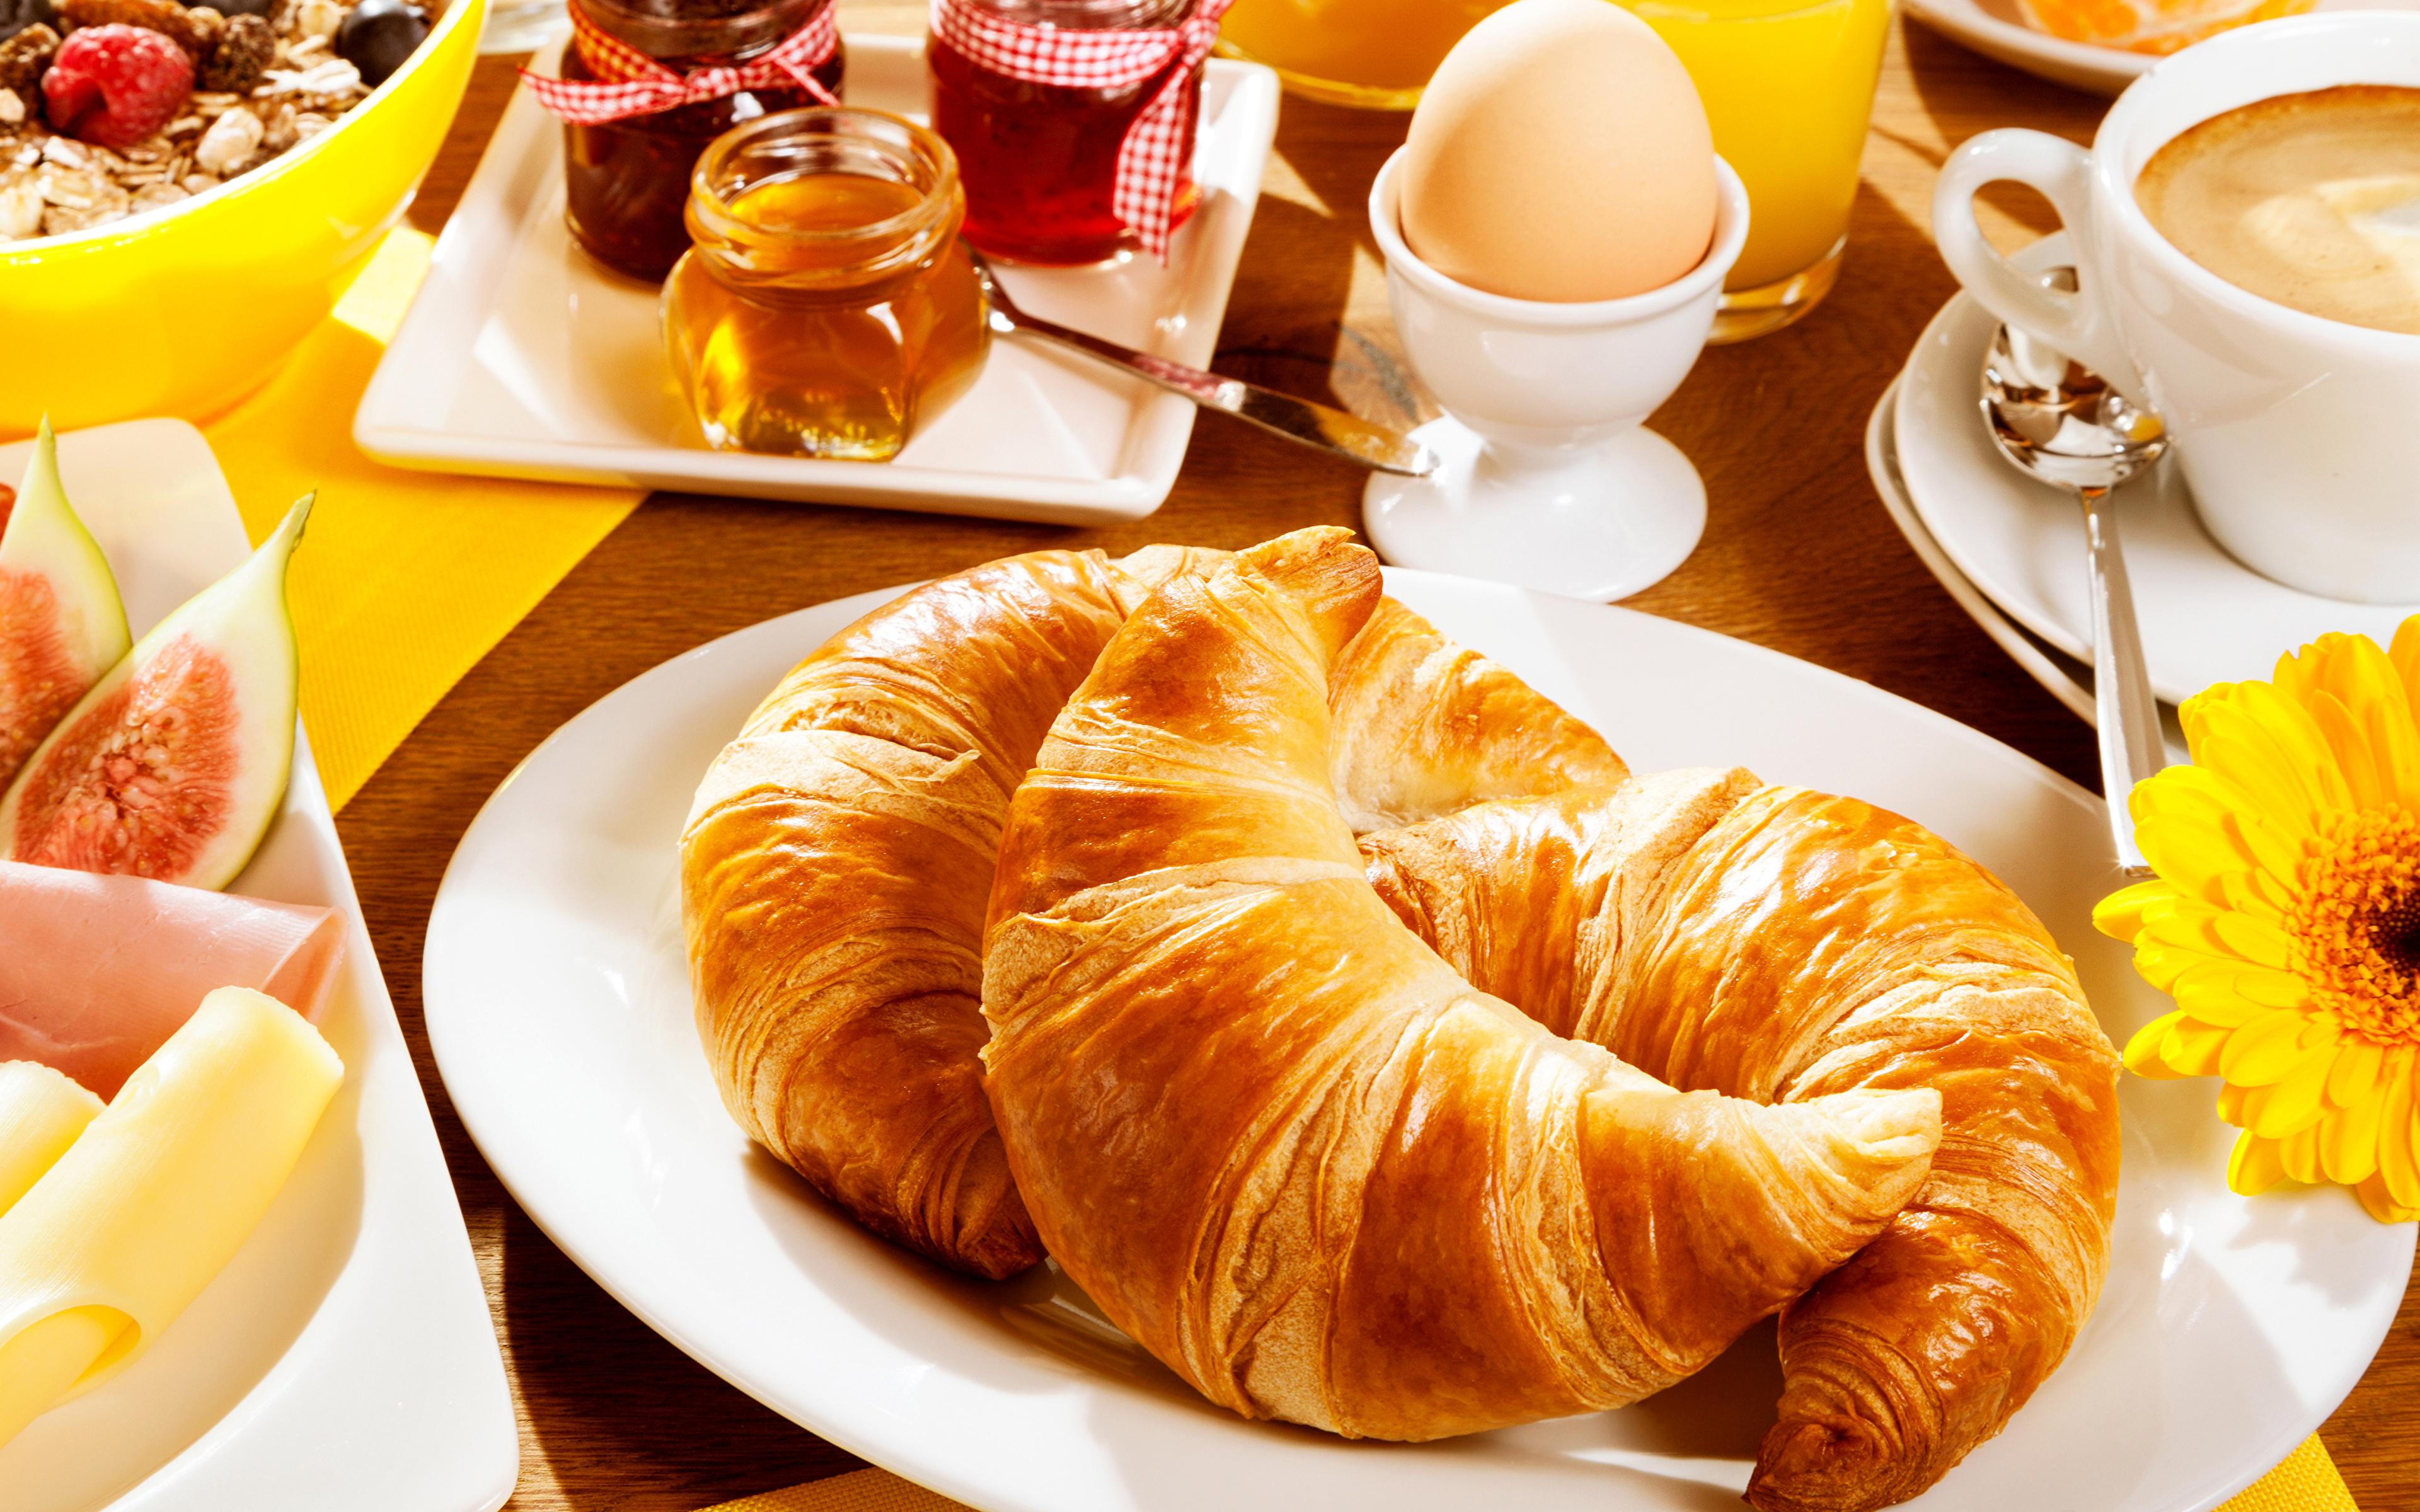 Фотографии Яйца Завтрак Круассан Еда Трое 3 Тарелка 3840x2400 Пища втроем Продукты питания